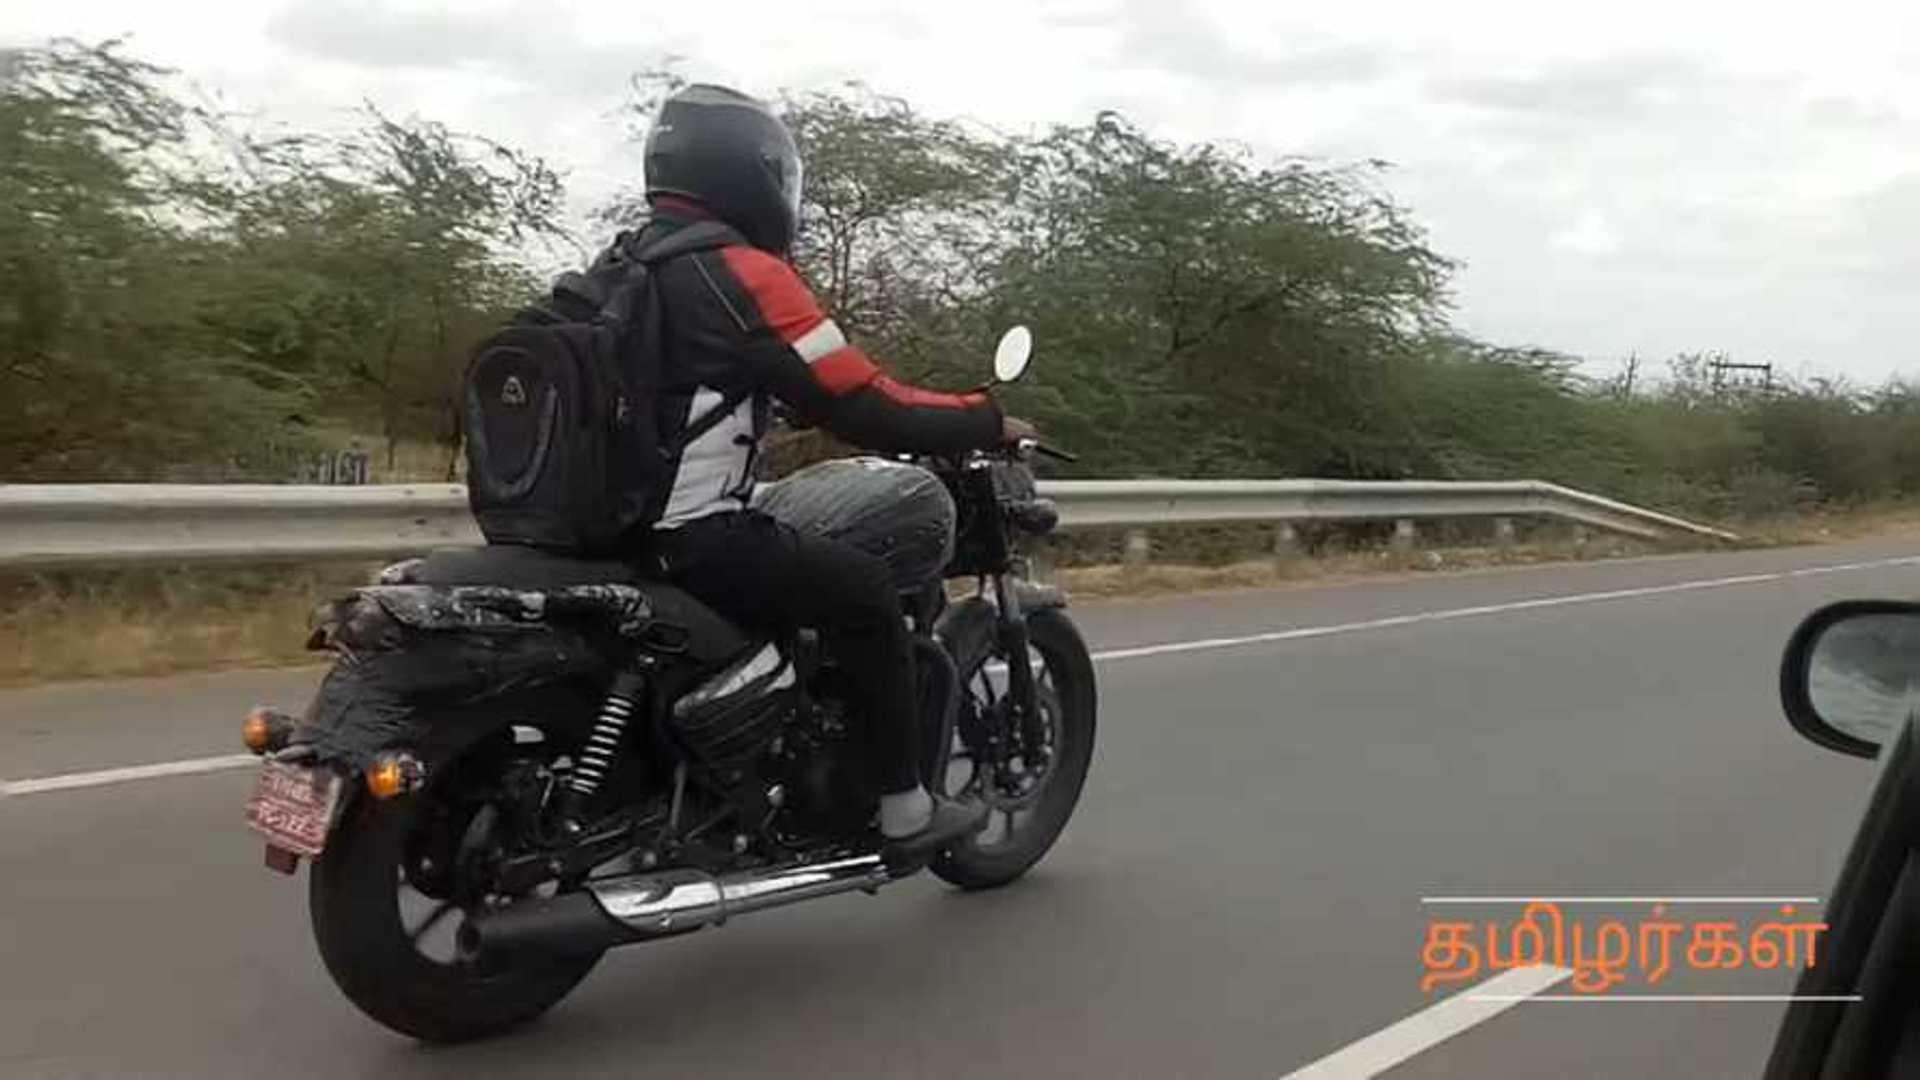 'No Helmet, No Fuel' Policies Spreading For Riders In India